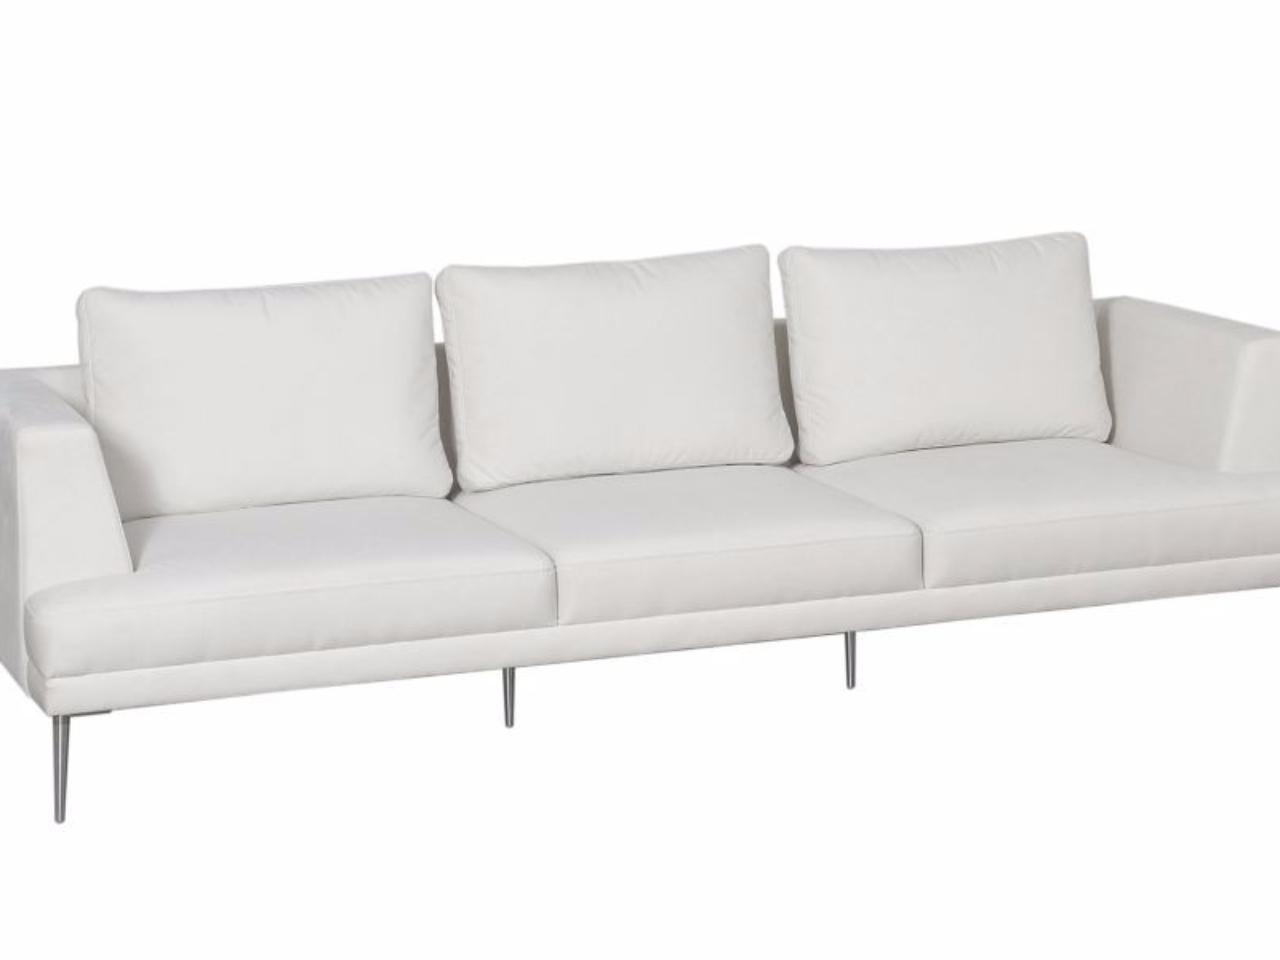 sofa dream 3